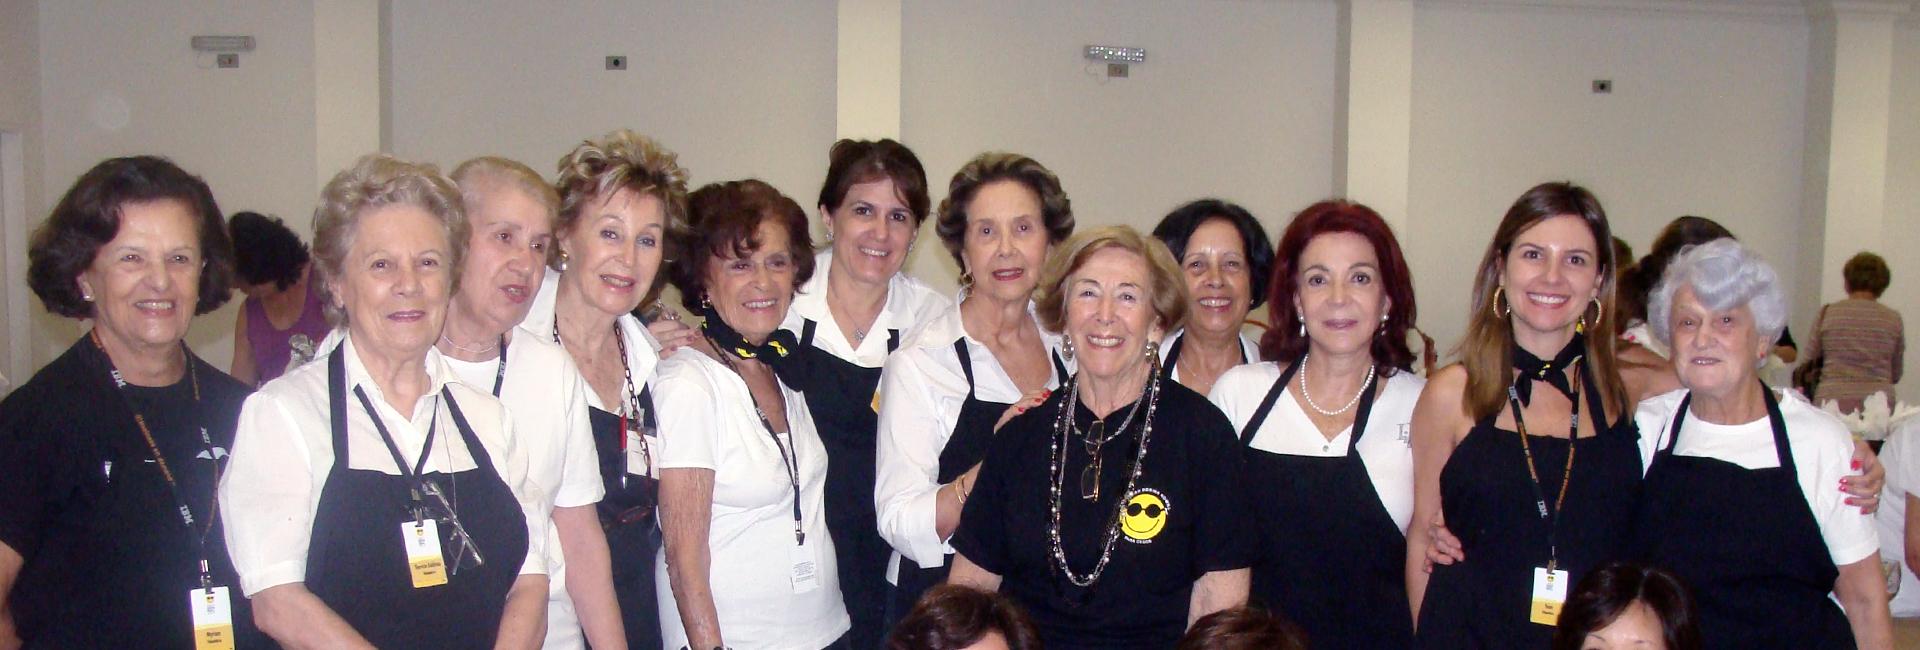 Foto de um grupo de voluntárias da fundação Dorina, sorrindo.